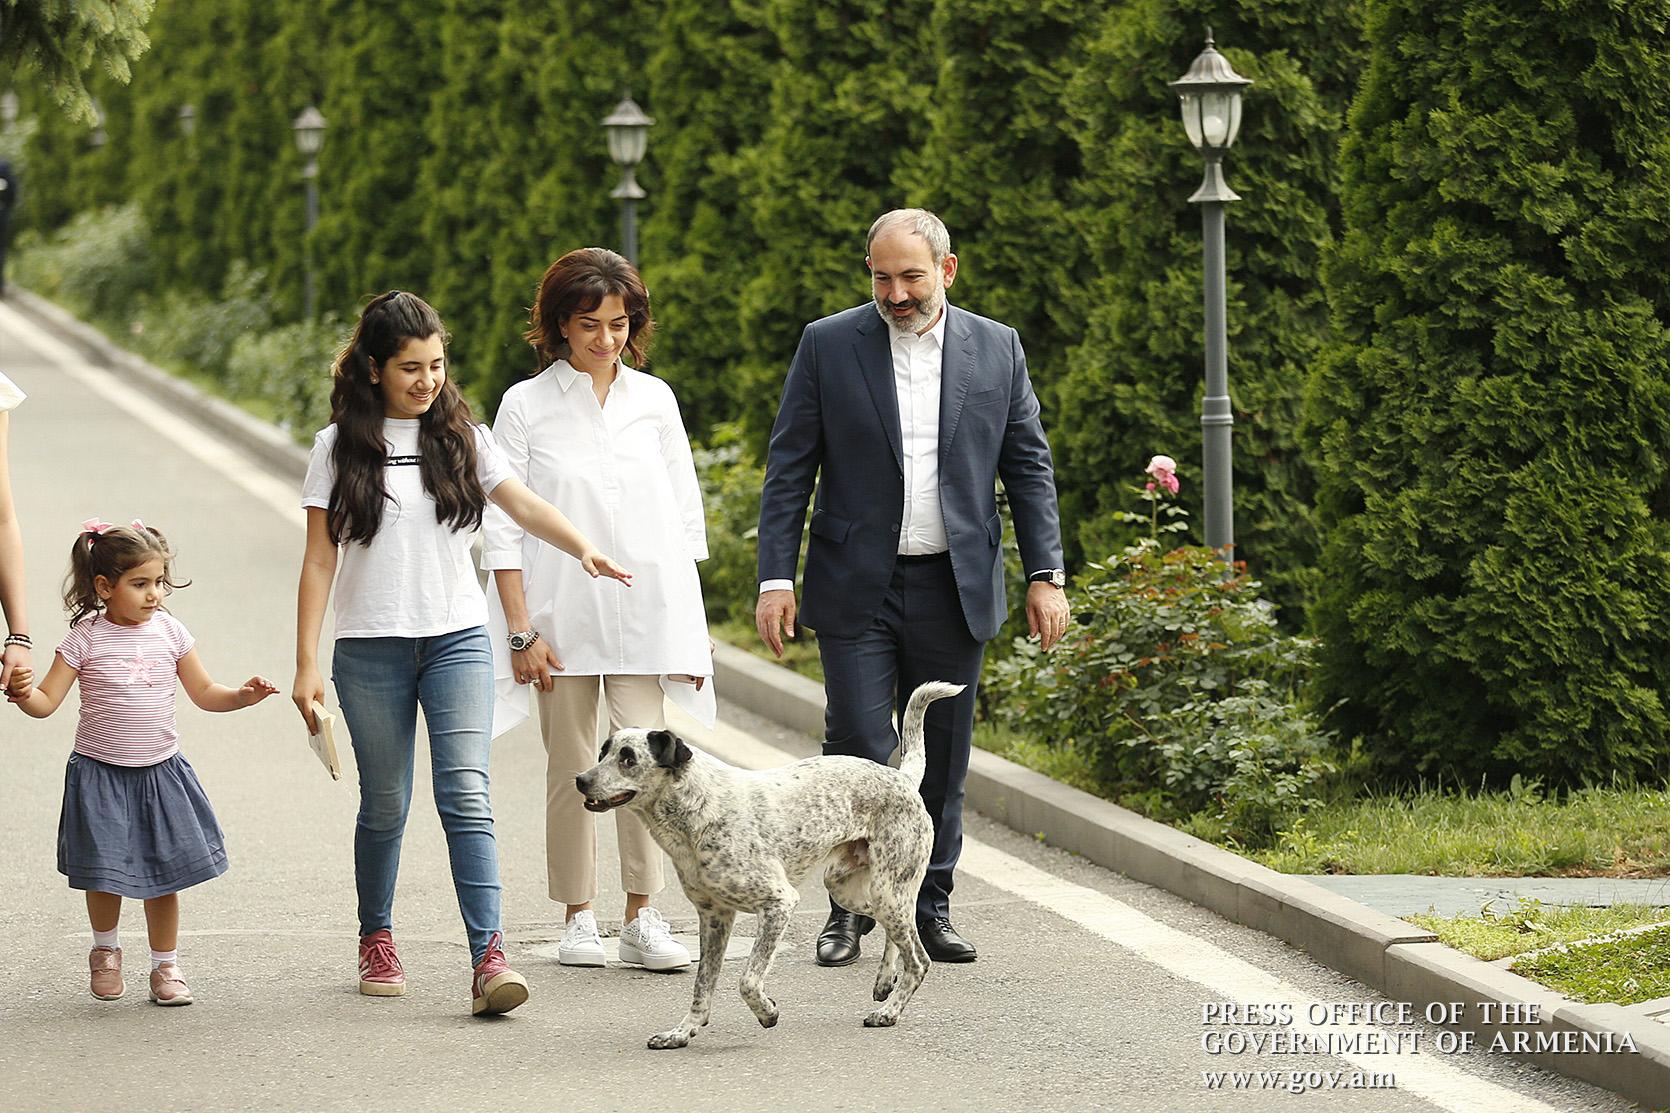 Հայրենիքում չապրող յուրաքանչյուր հայի մտքում պետք է արձանագրվի, որ իր վերջնական նպատակը Հայաստան վերադառնալն է. Նիկոլ Փաշինյան